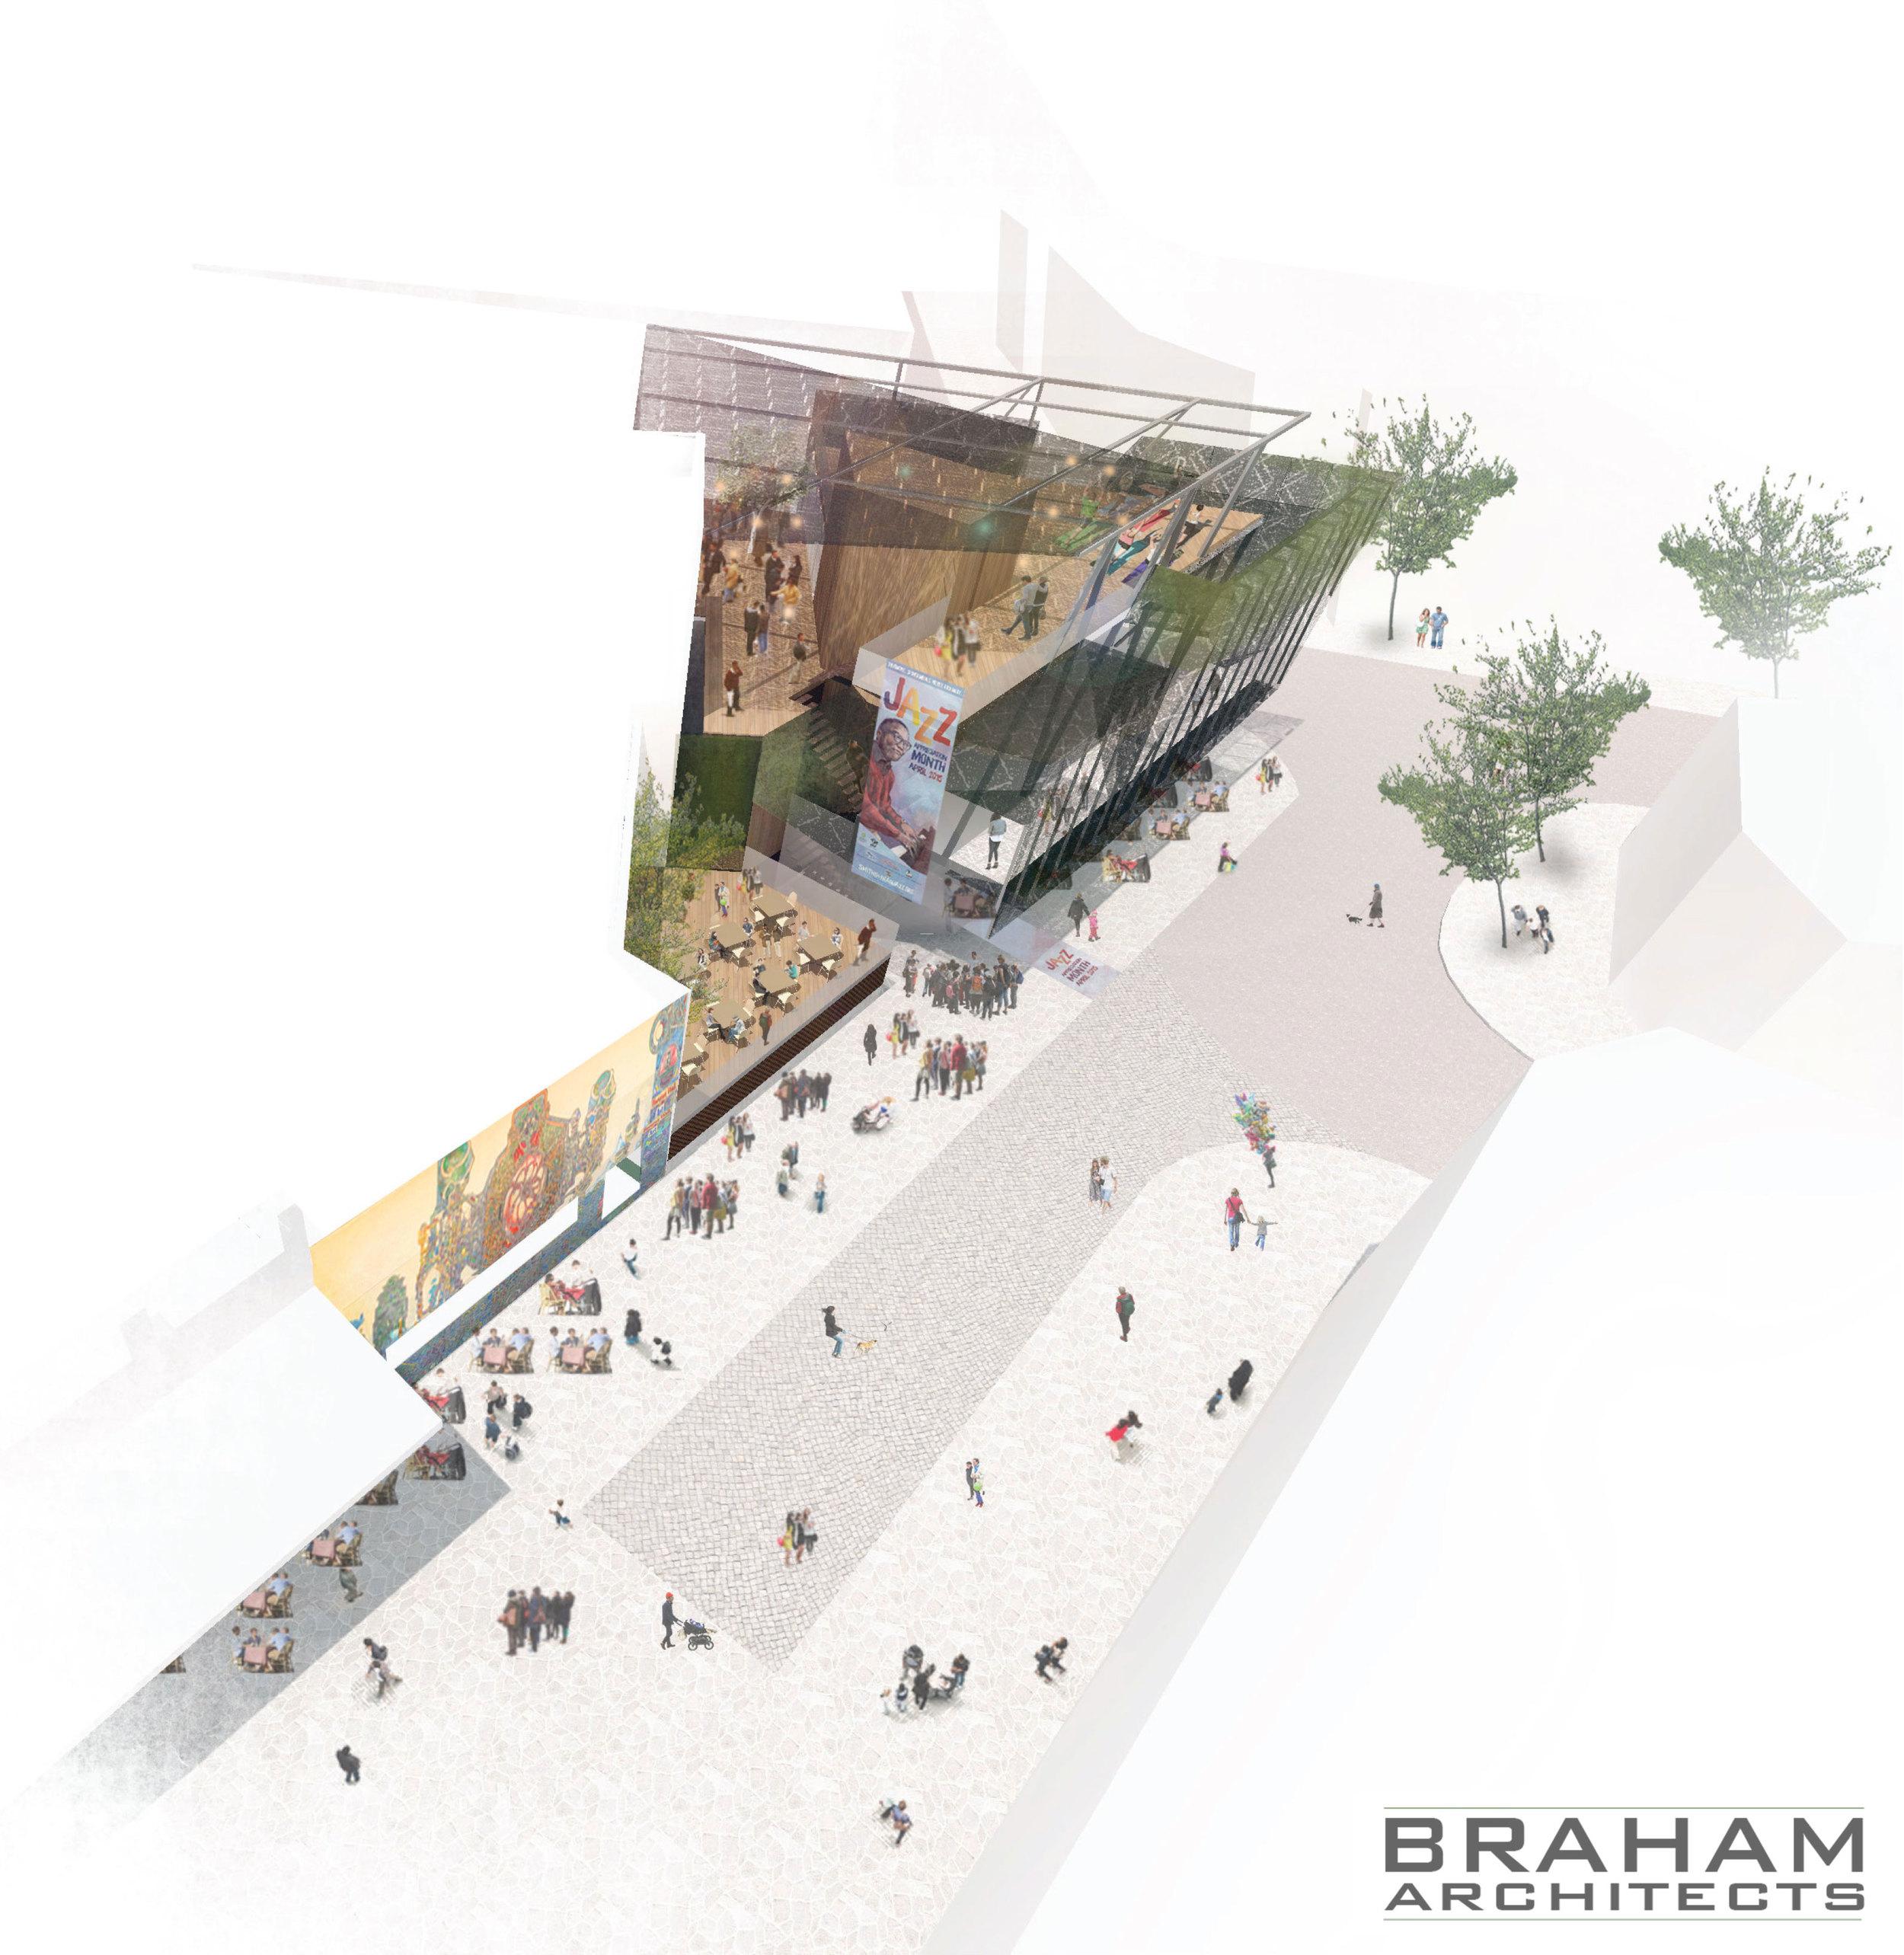 Braham-Architects-EvanDavies-BirdsEyeRender.jpg